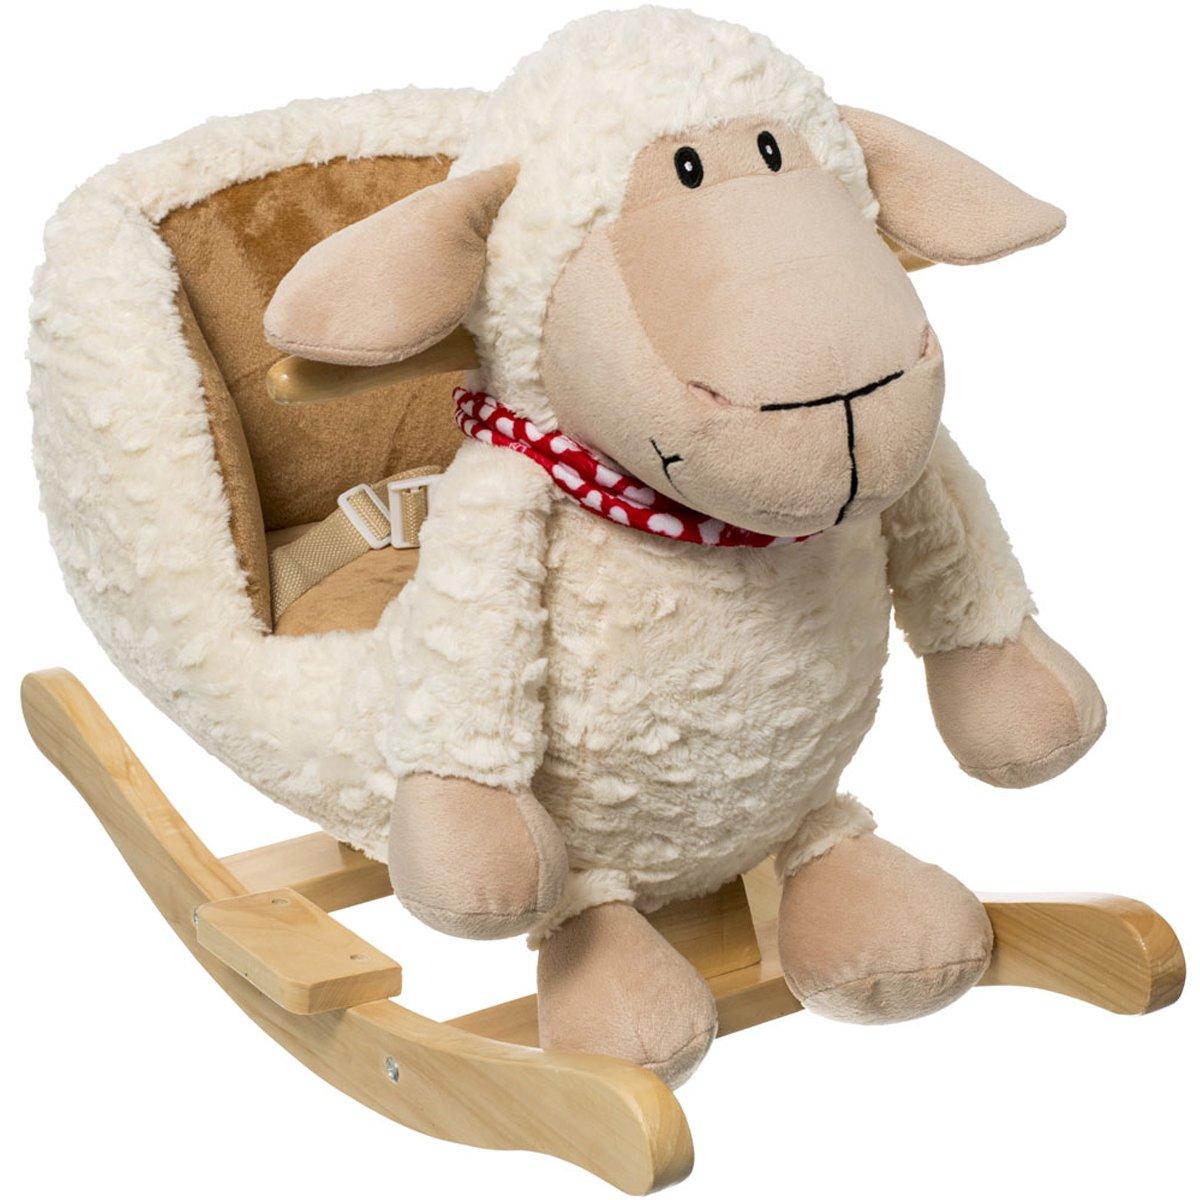 Schaukeltier Schaf, mit Sicherheitsgurt, Plüsch, beige, ab 9 Mon. • Baby Schaukel Schaukelpferd Plüsch Tier Schaf Holz Wippe